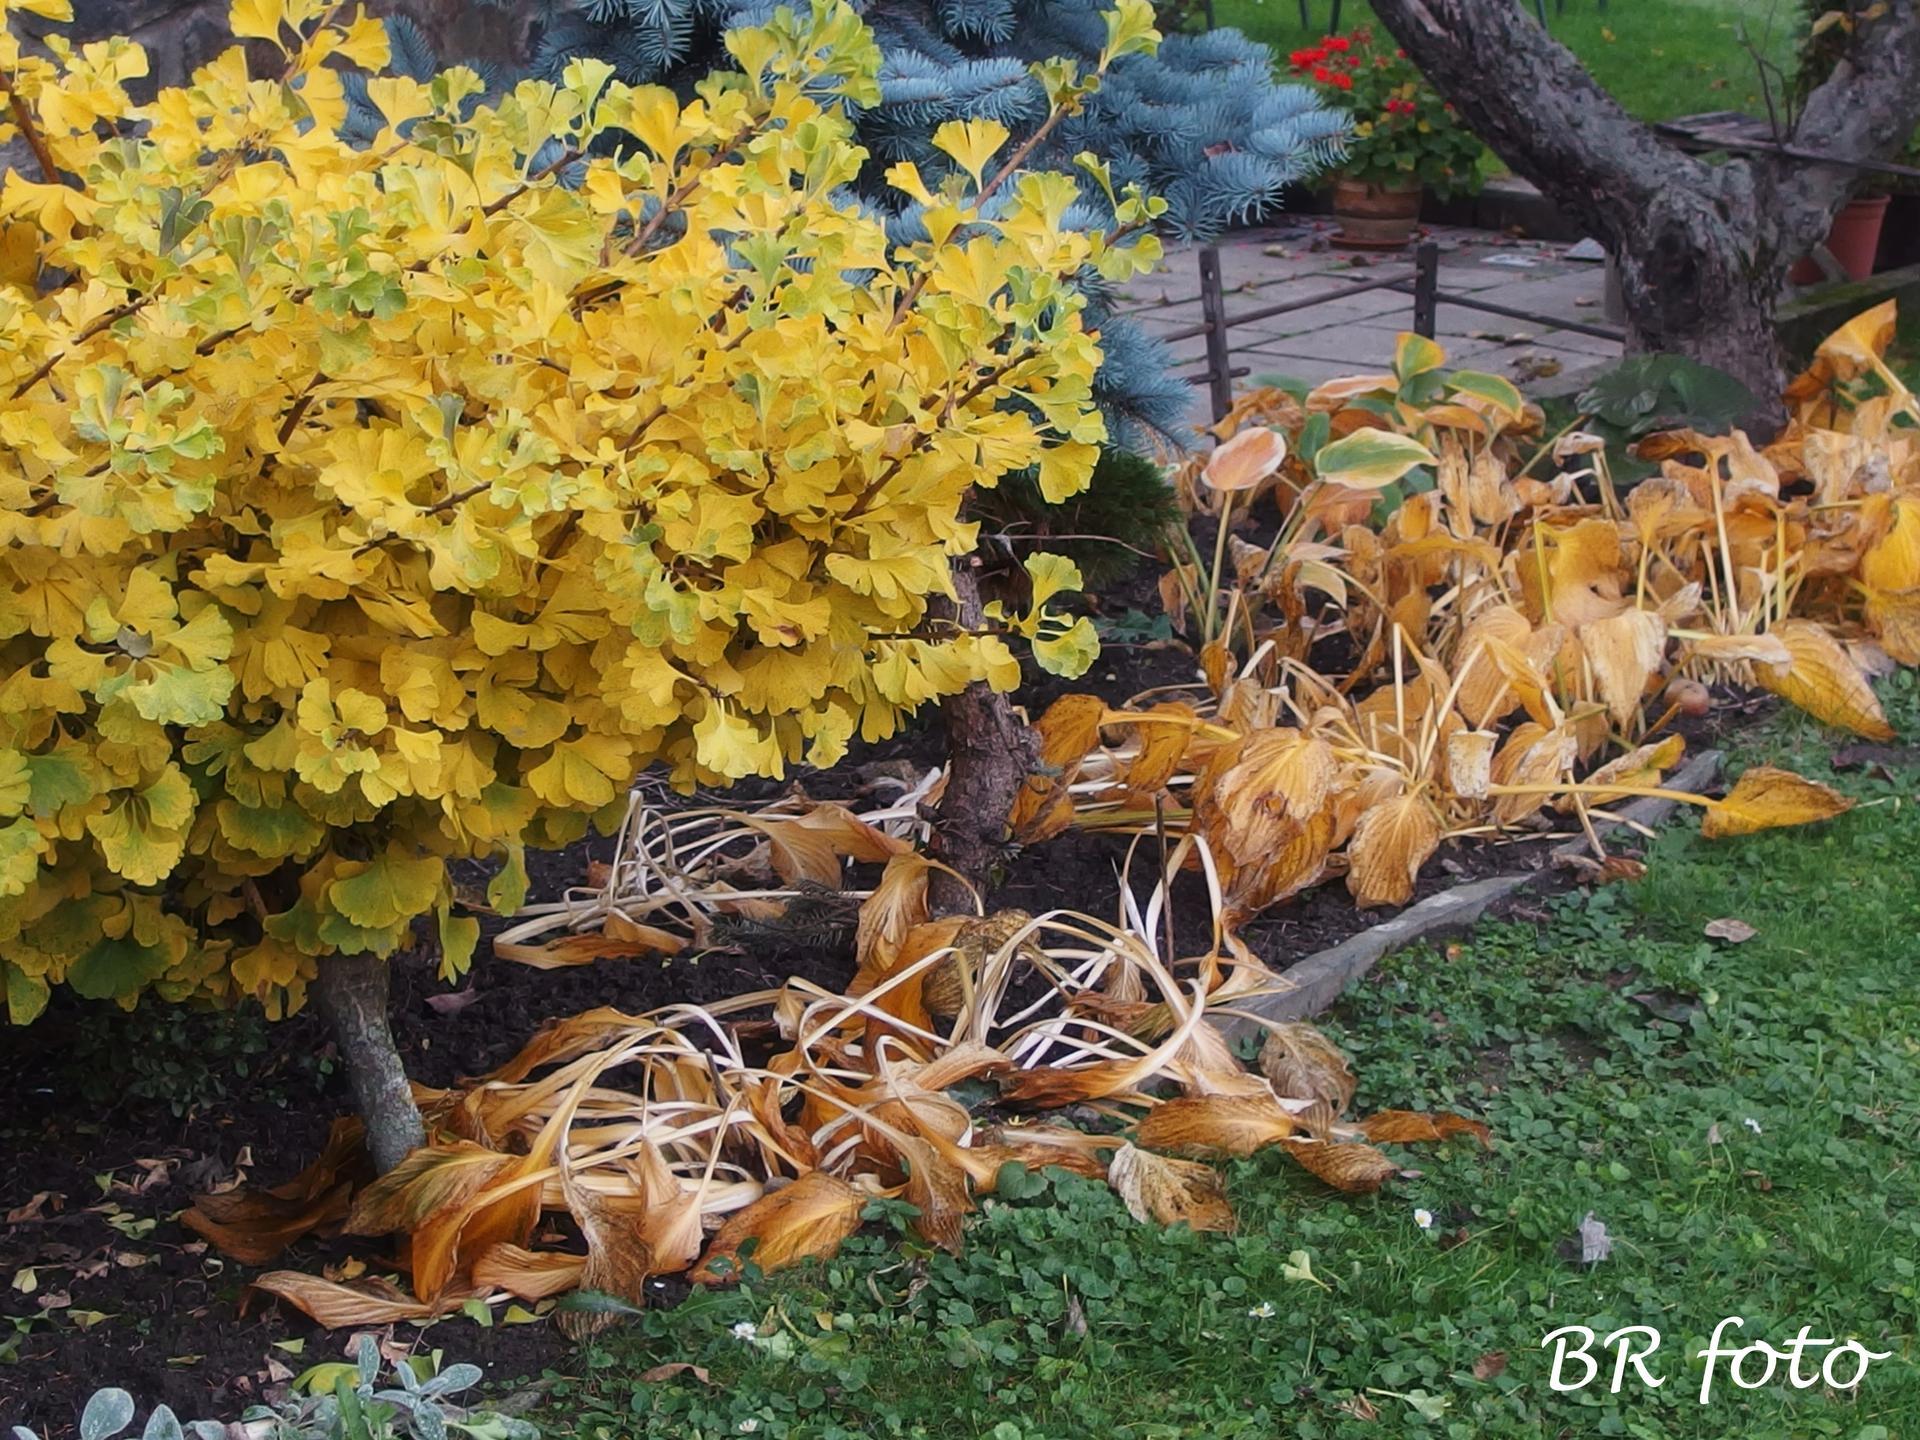 Vítej, podzime.... - zakrslý jinan a zežloutlé hosty - hosty už jsem ostříhala